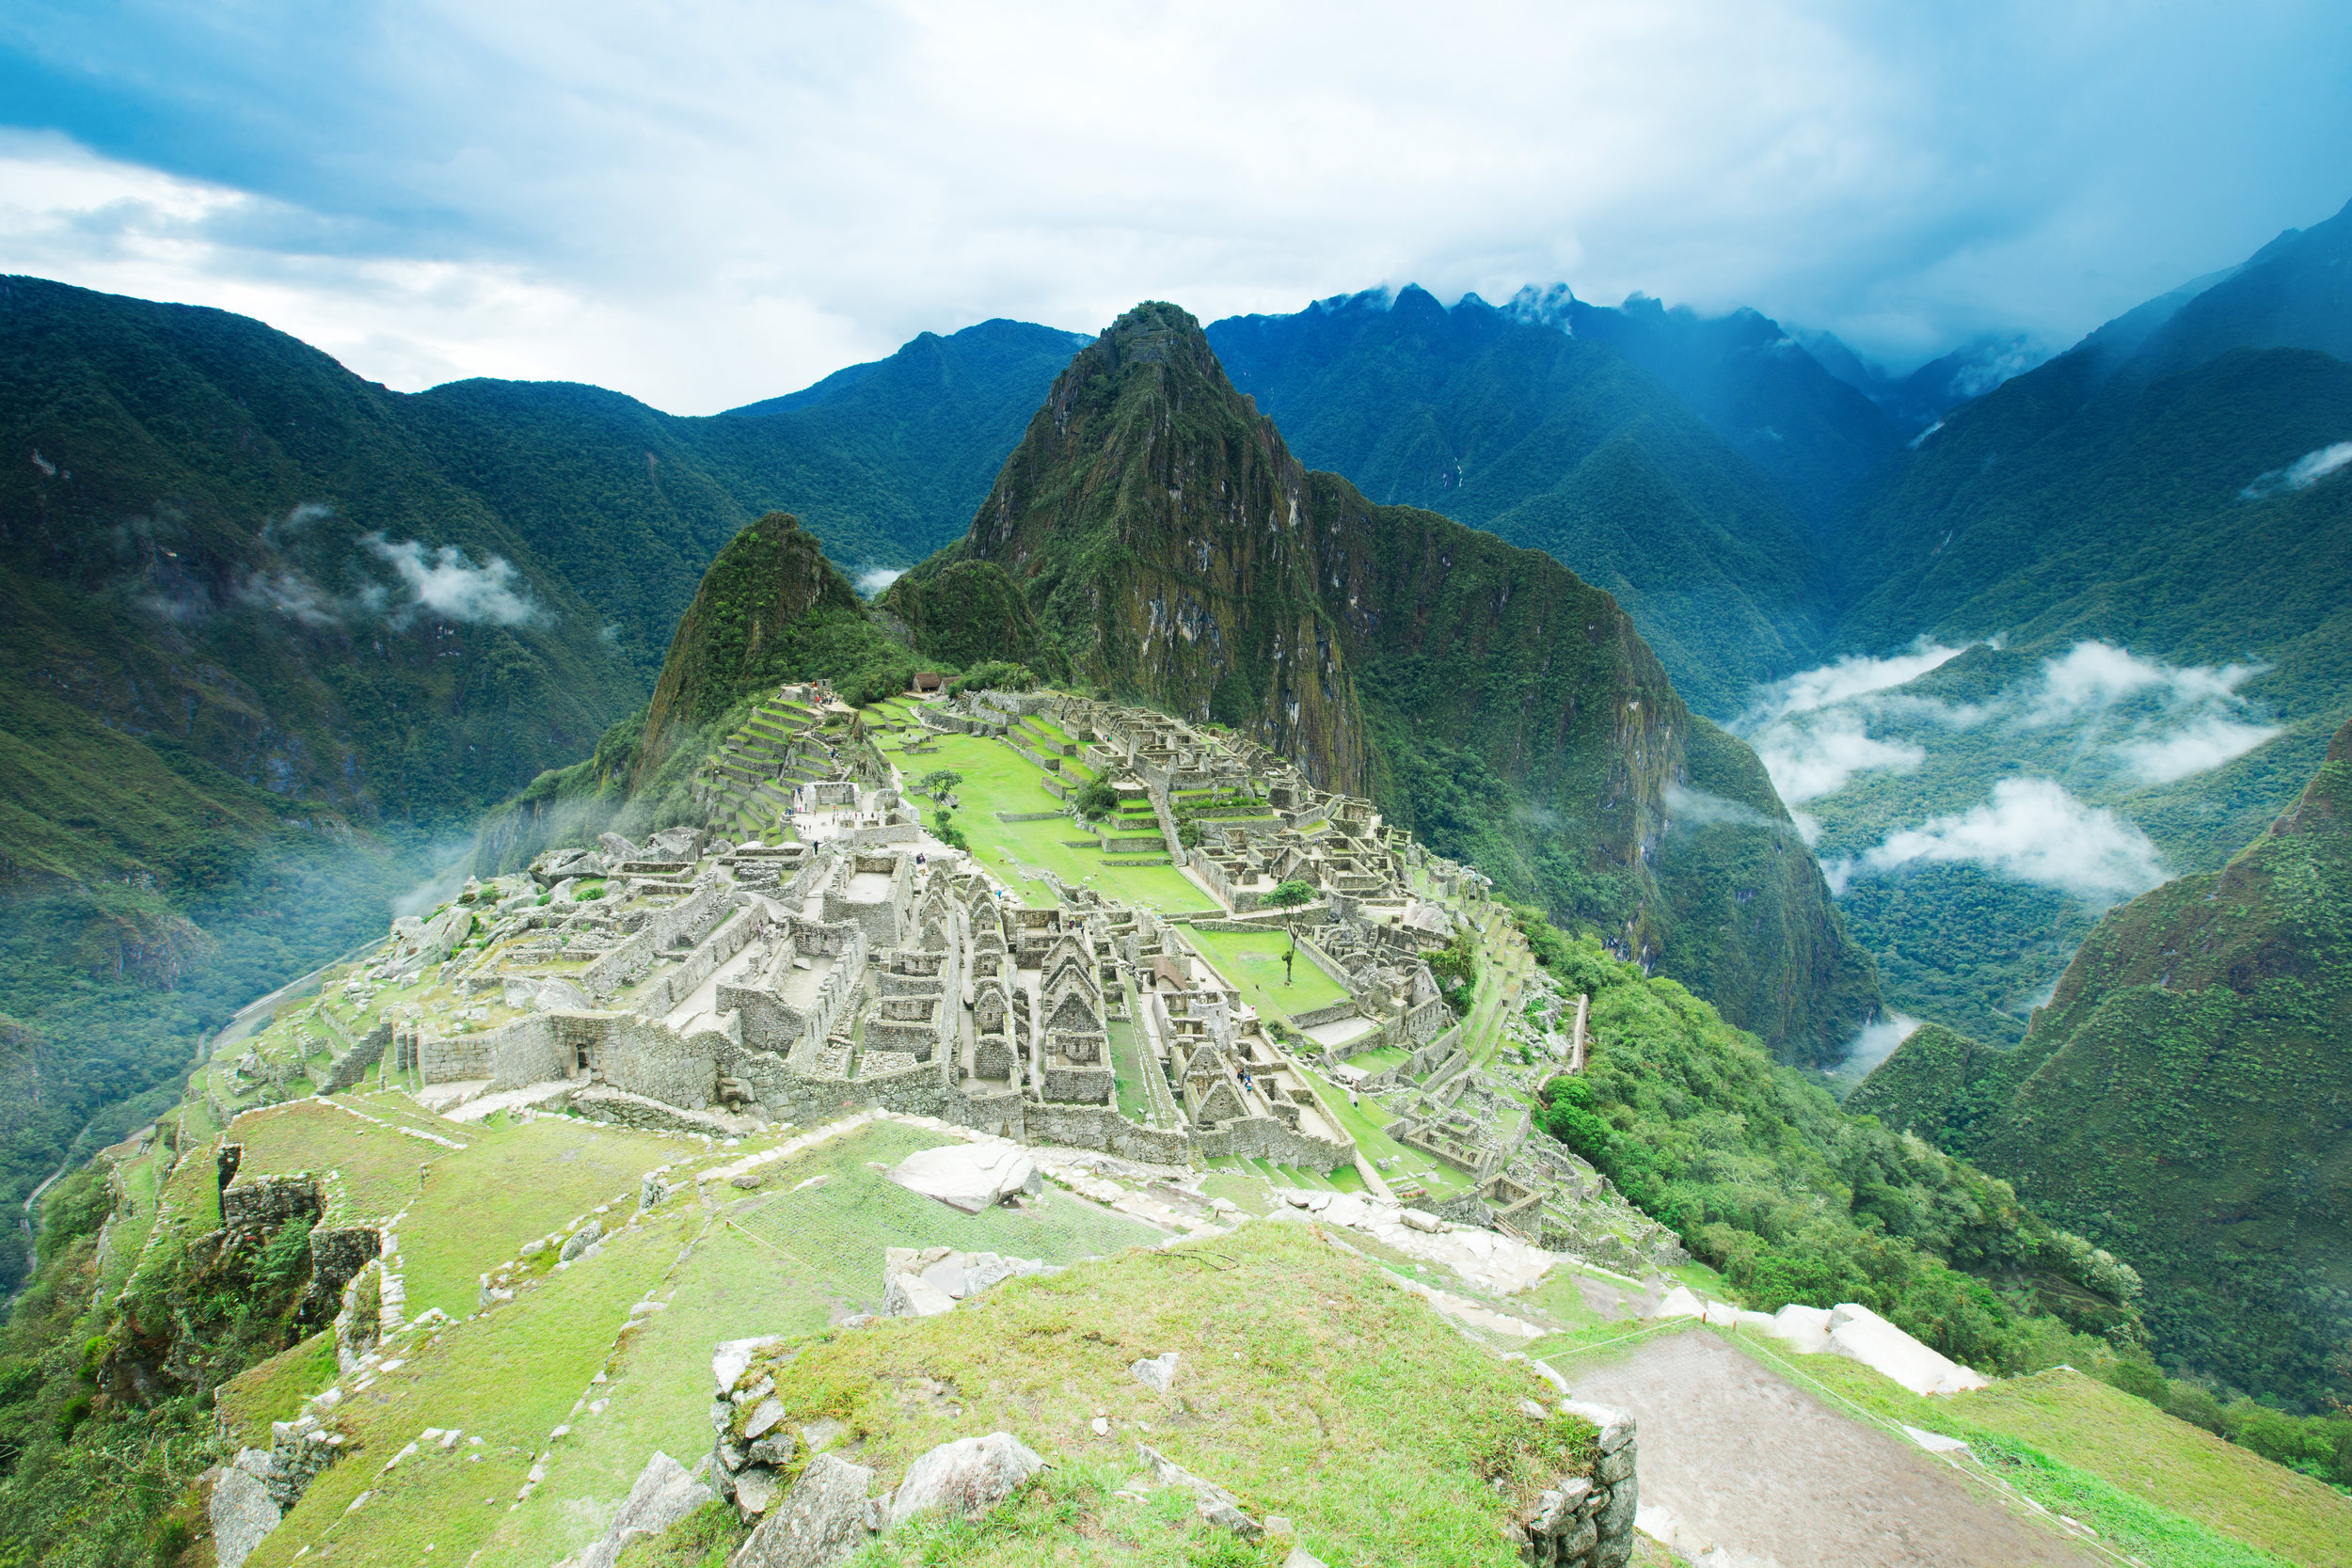 bigstock-Machu-Picchu-a-UNESCO-World-H-118548122.jpg